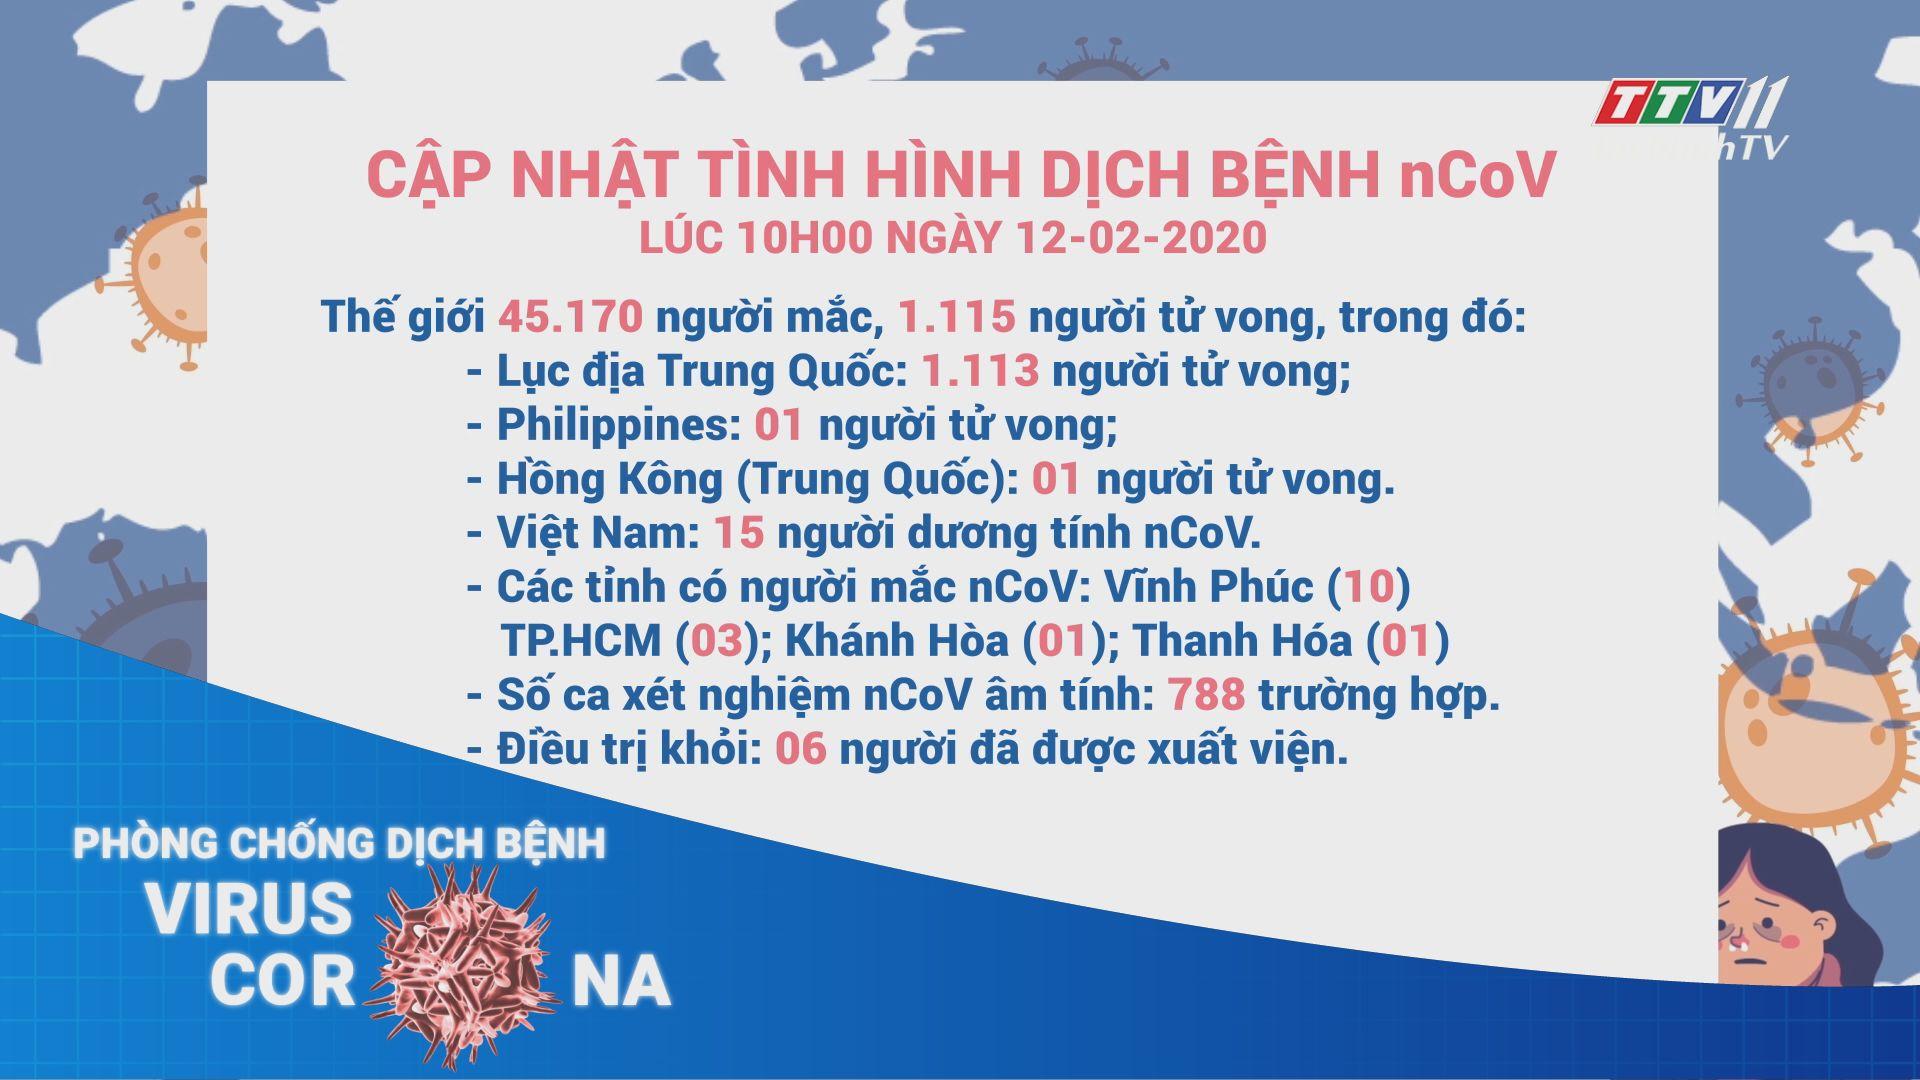 Cập nhật tình hình dịch bệnh viêm phổi cấp nCoV đến 10 giờ ngày 12-02-2020 | TayNinhTV